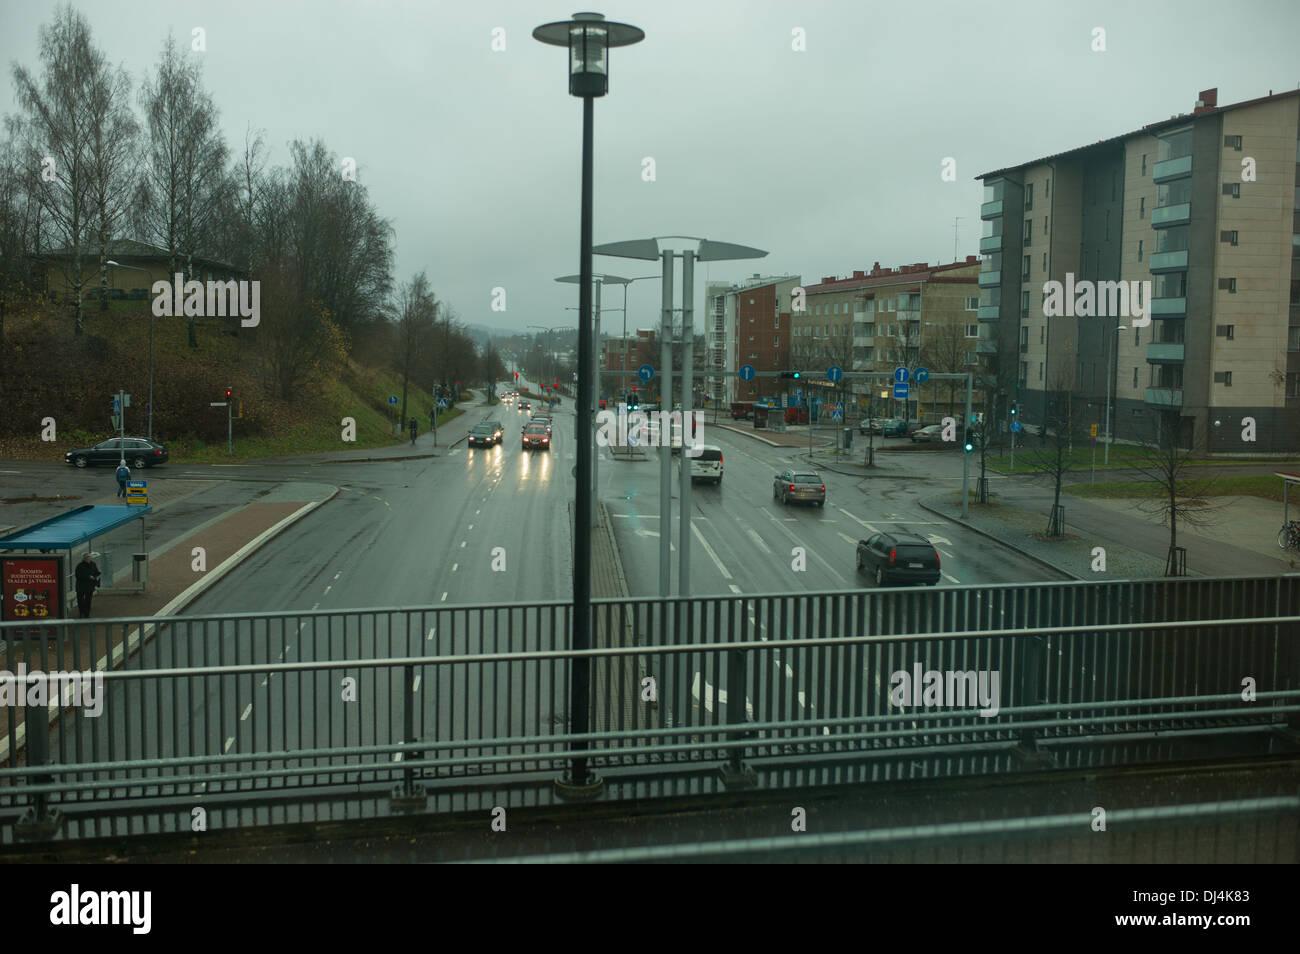 Stazione ferroviaria,ponte,treni,Allegro,Finlandia,Road,auto,nuvoloso, pioggia,stazione ferroviaria,Casa,edificio,Persone,città,città,urbana, Immagini Stock